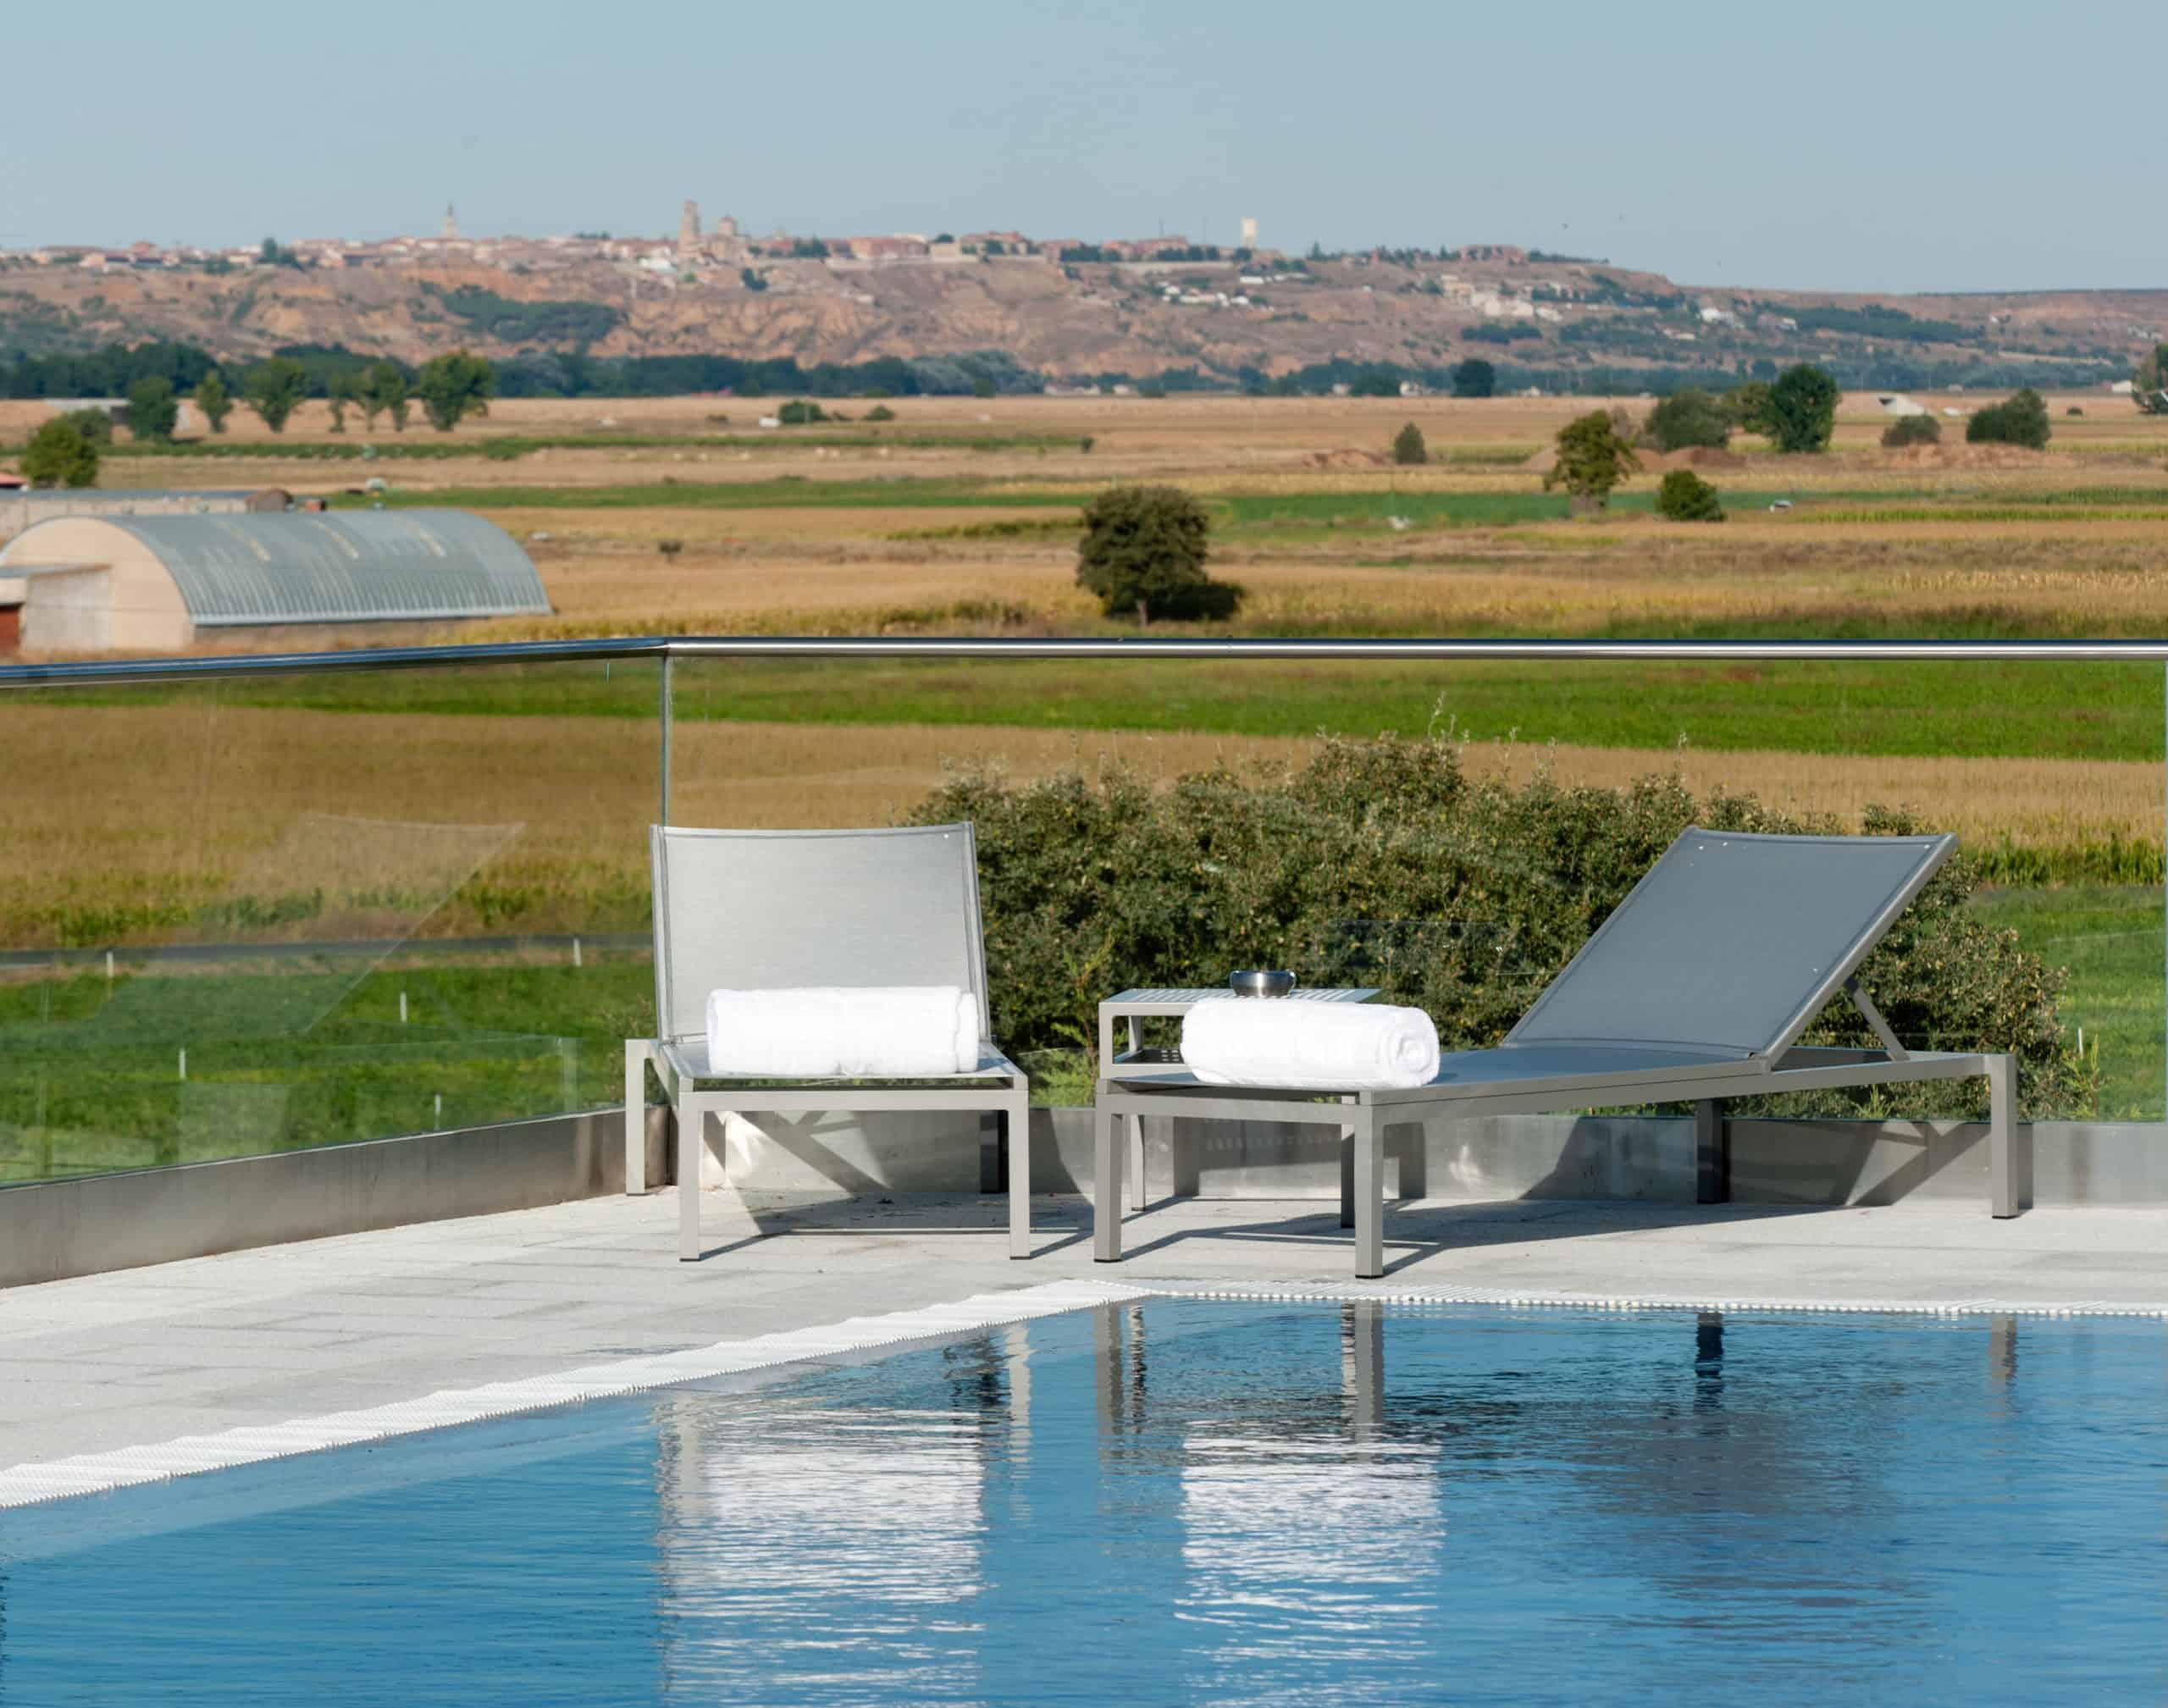 Imagen del equipamiento piscina exterior hotel Valbusenda